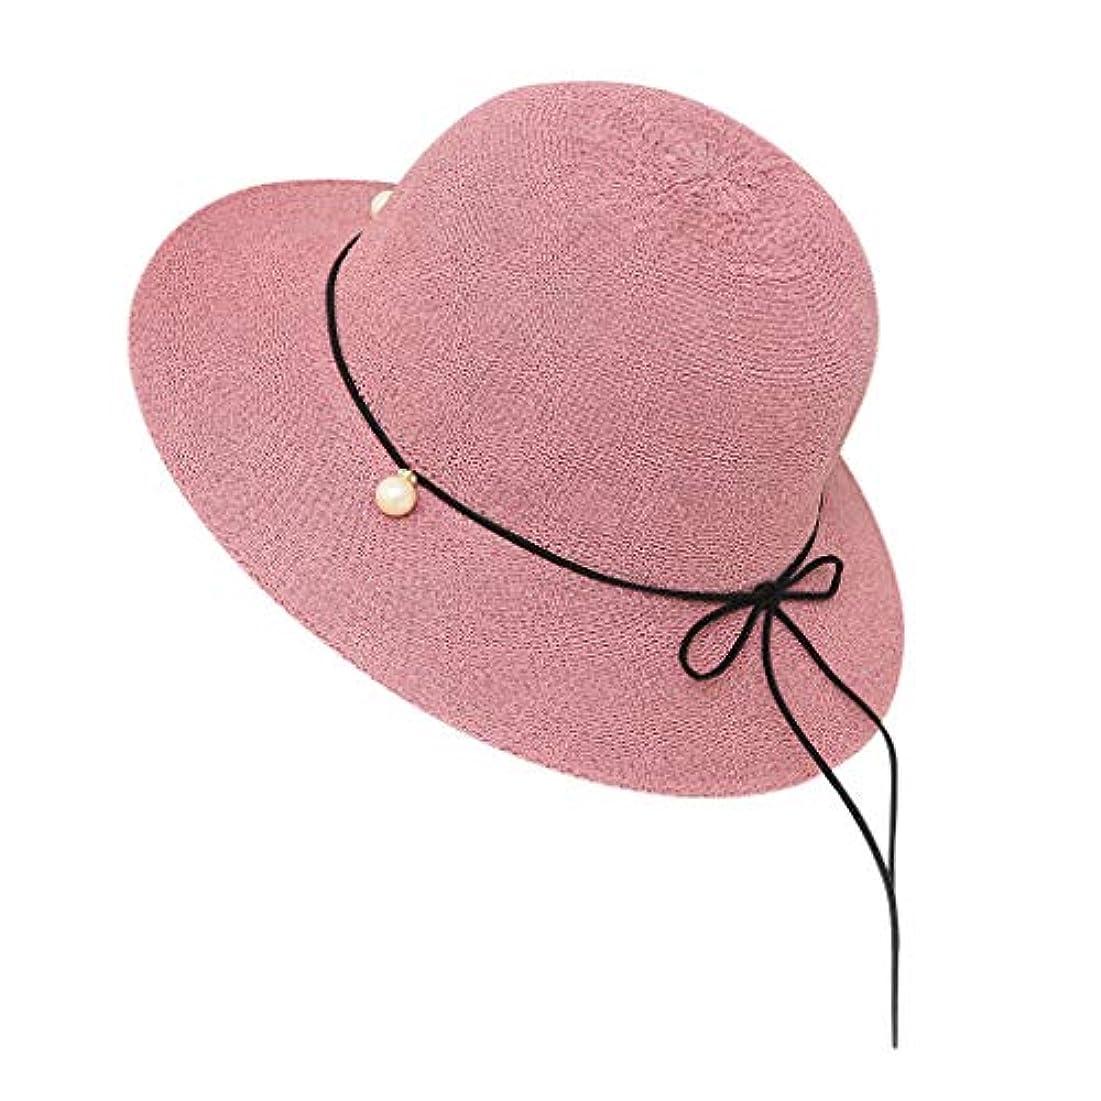 マイルストーン内側ぺディカブ帽子 レディース 夏 女性 UVカット 帽子 ハット 漁師帽 つば広 吸汗通気 紫外線対策 大きいサイズ 日焼け防止 サイズ調節 ベレー帽 帽子 レディース ビーチ 海辺 森ガール 女優帽 日よけ ROSE ROMAN